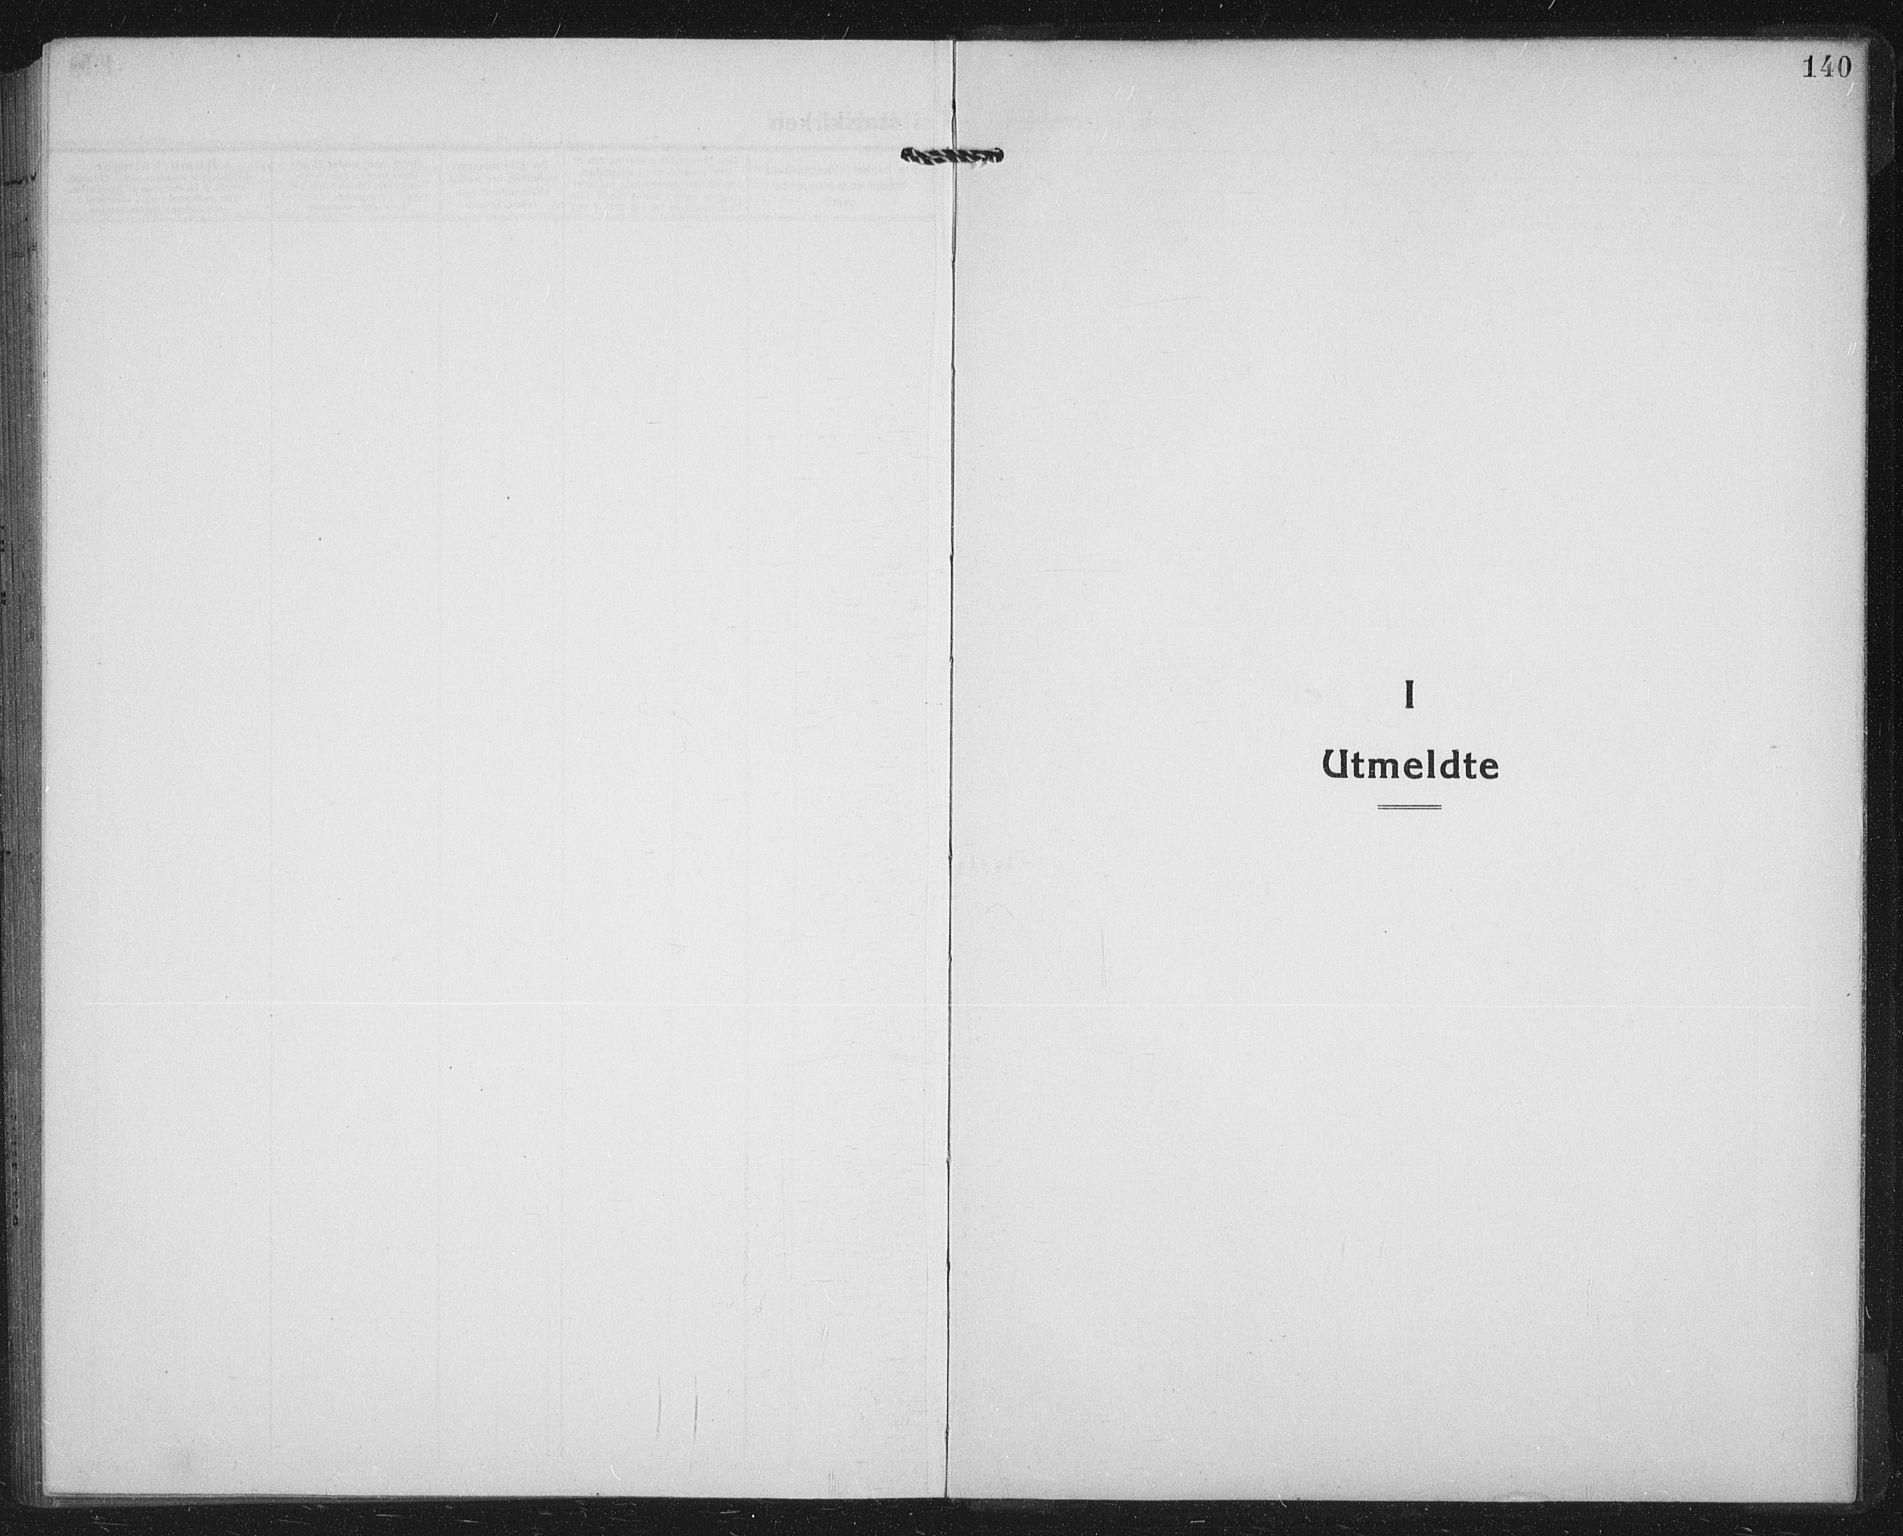 SATØ, Lenvik sokneprestembete, H/Ha/Hab/L0023klokker: Klokkerbok nr. 23, 1918-1936, s. 140